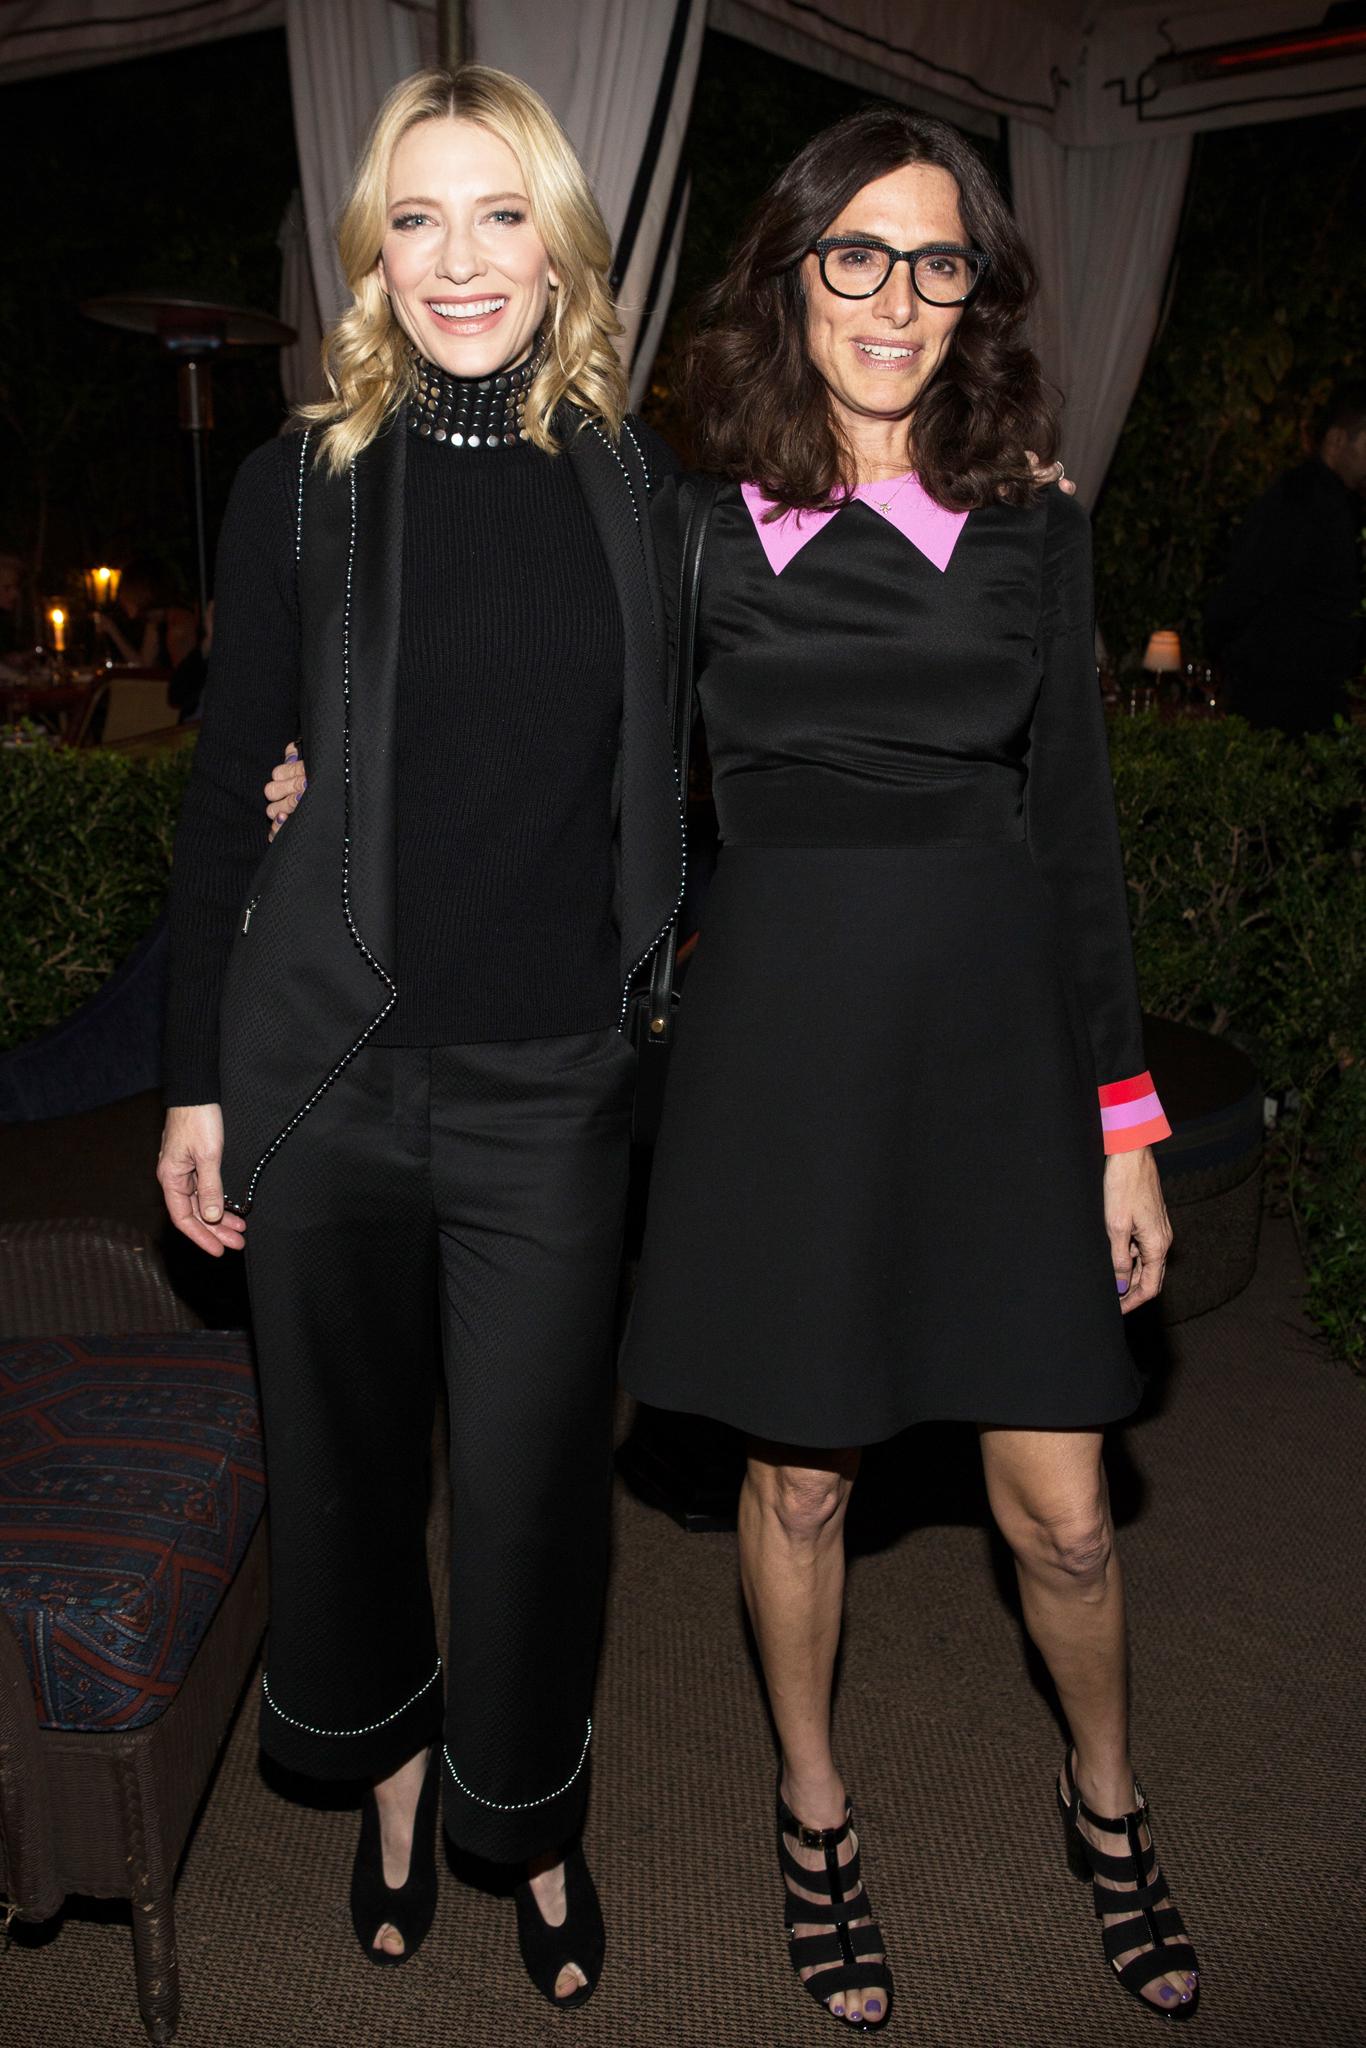 Cate Blanchett and Elizabeth Stewart